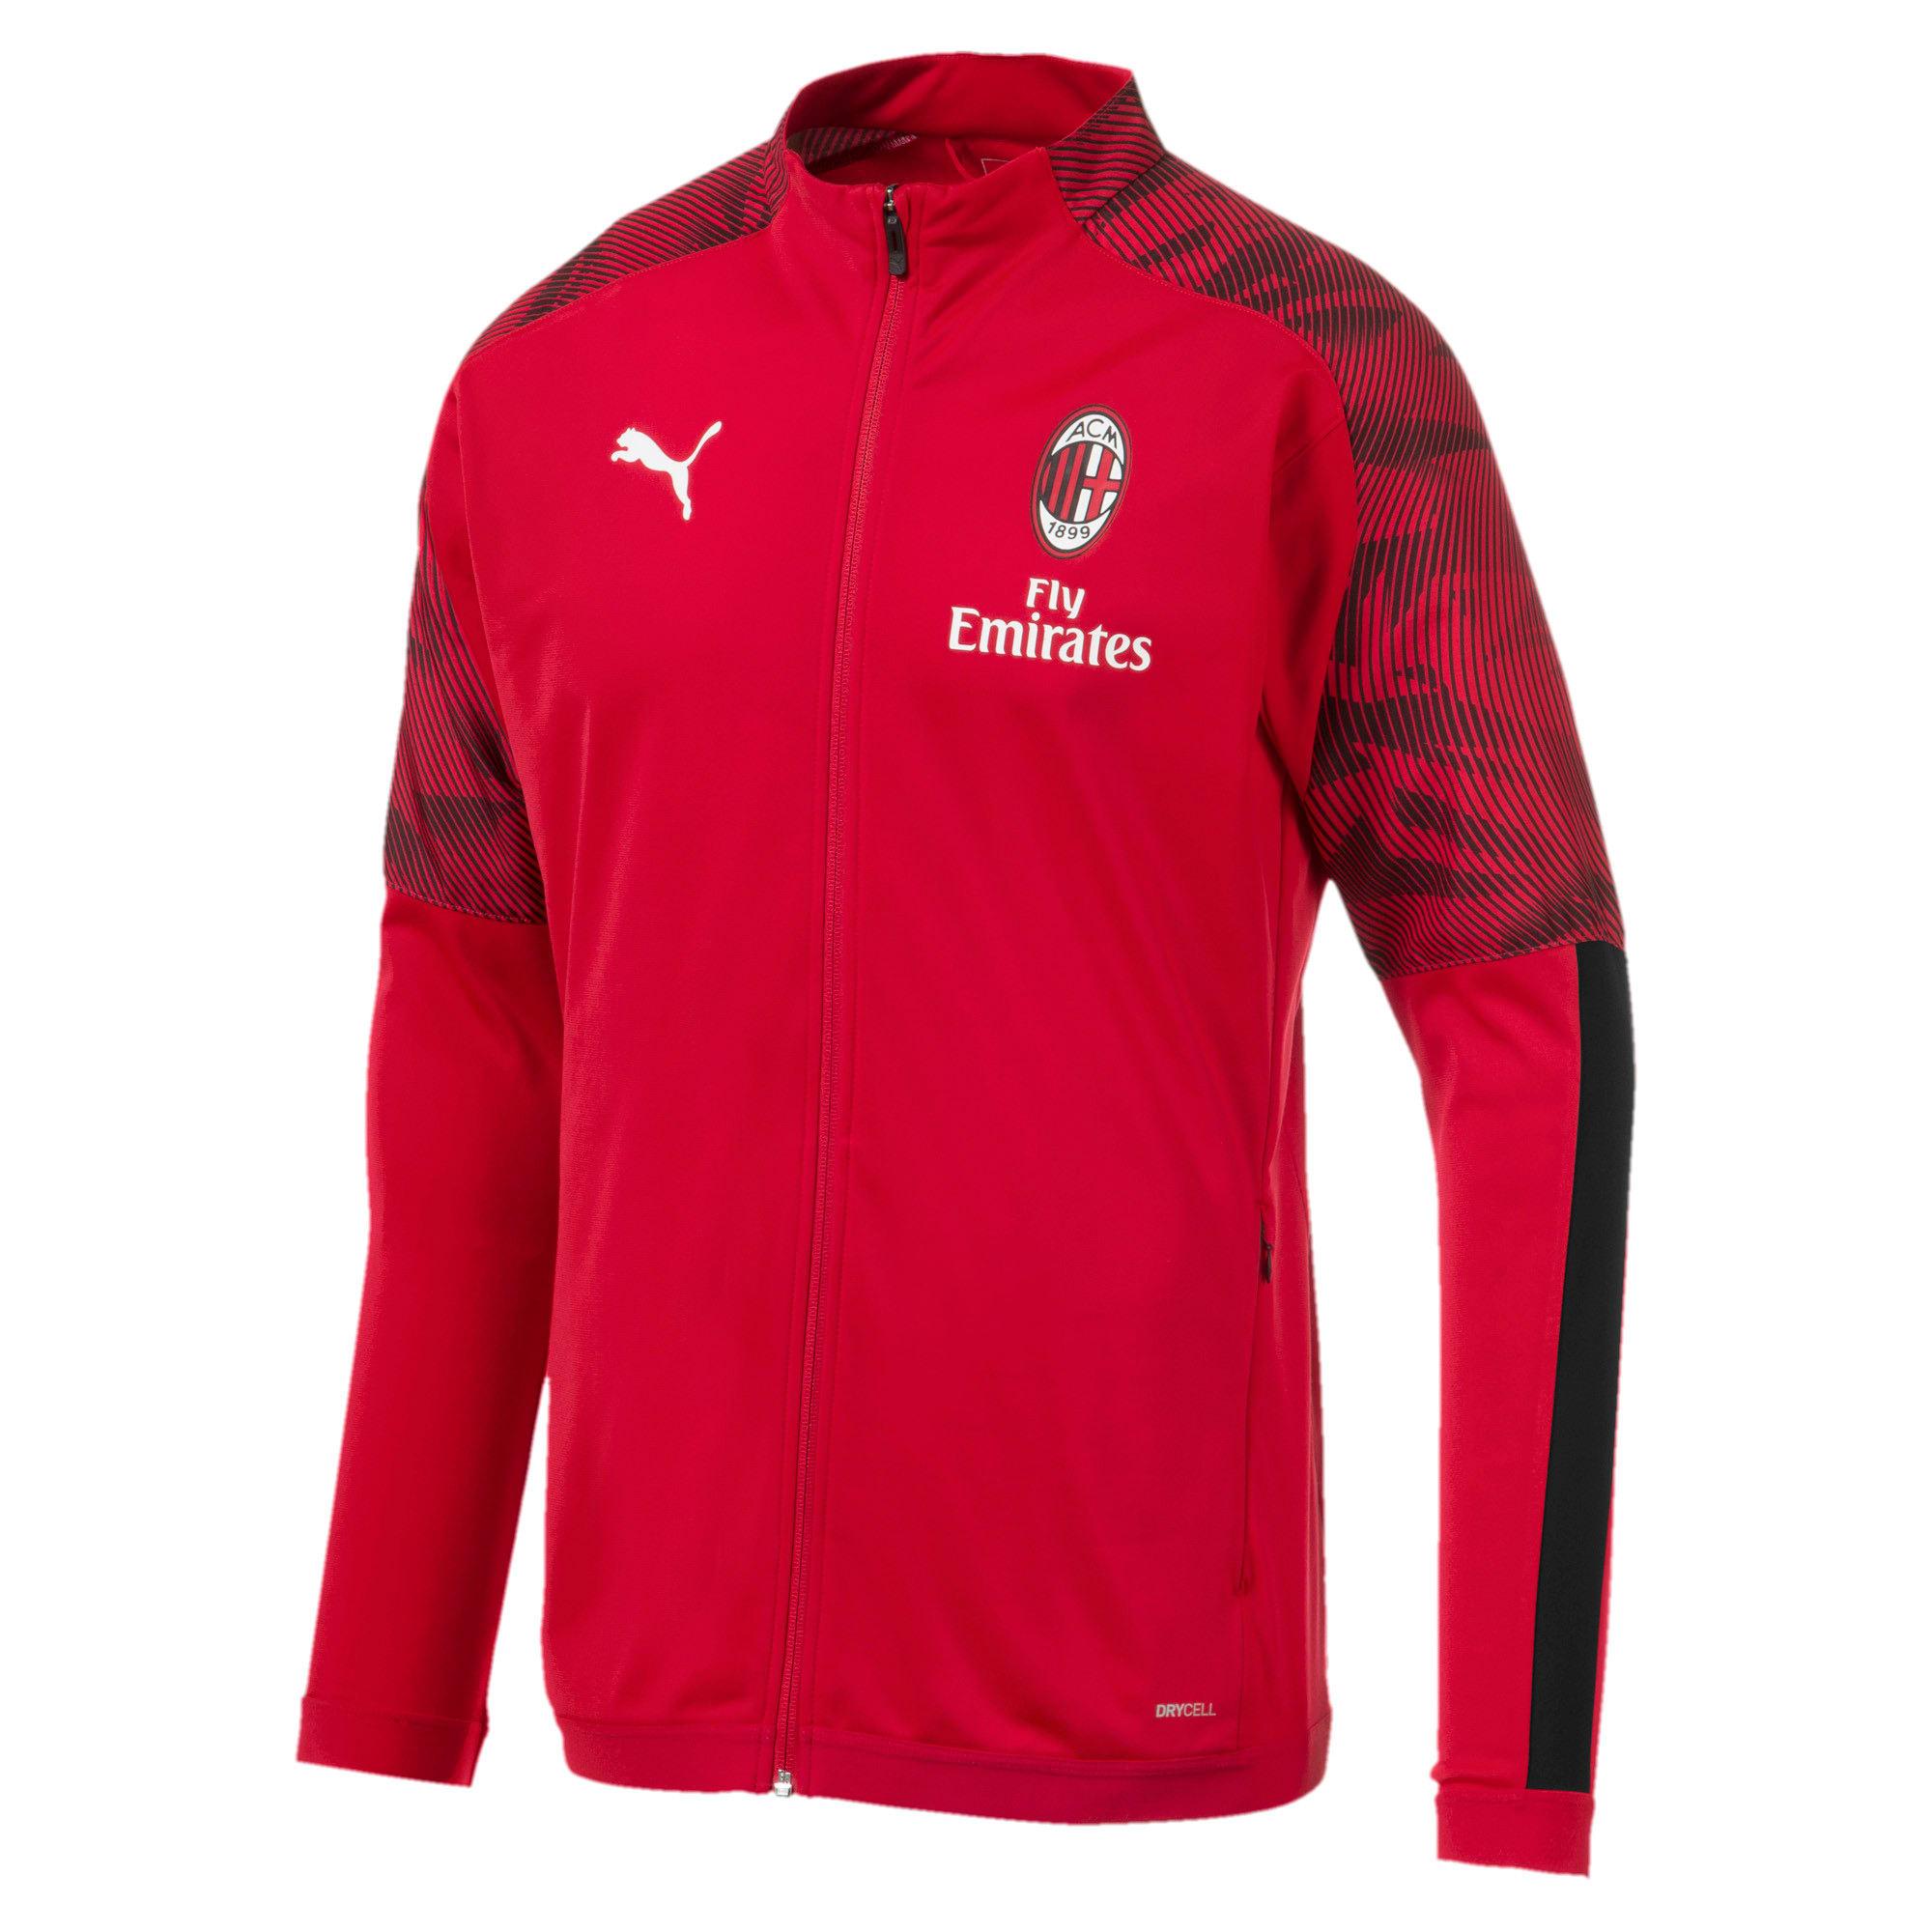 Thumbnail 4 of AC Milan Men's Poly Jacket, Puma Black-Tango Red, medium